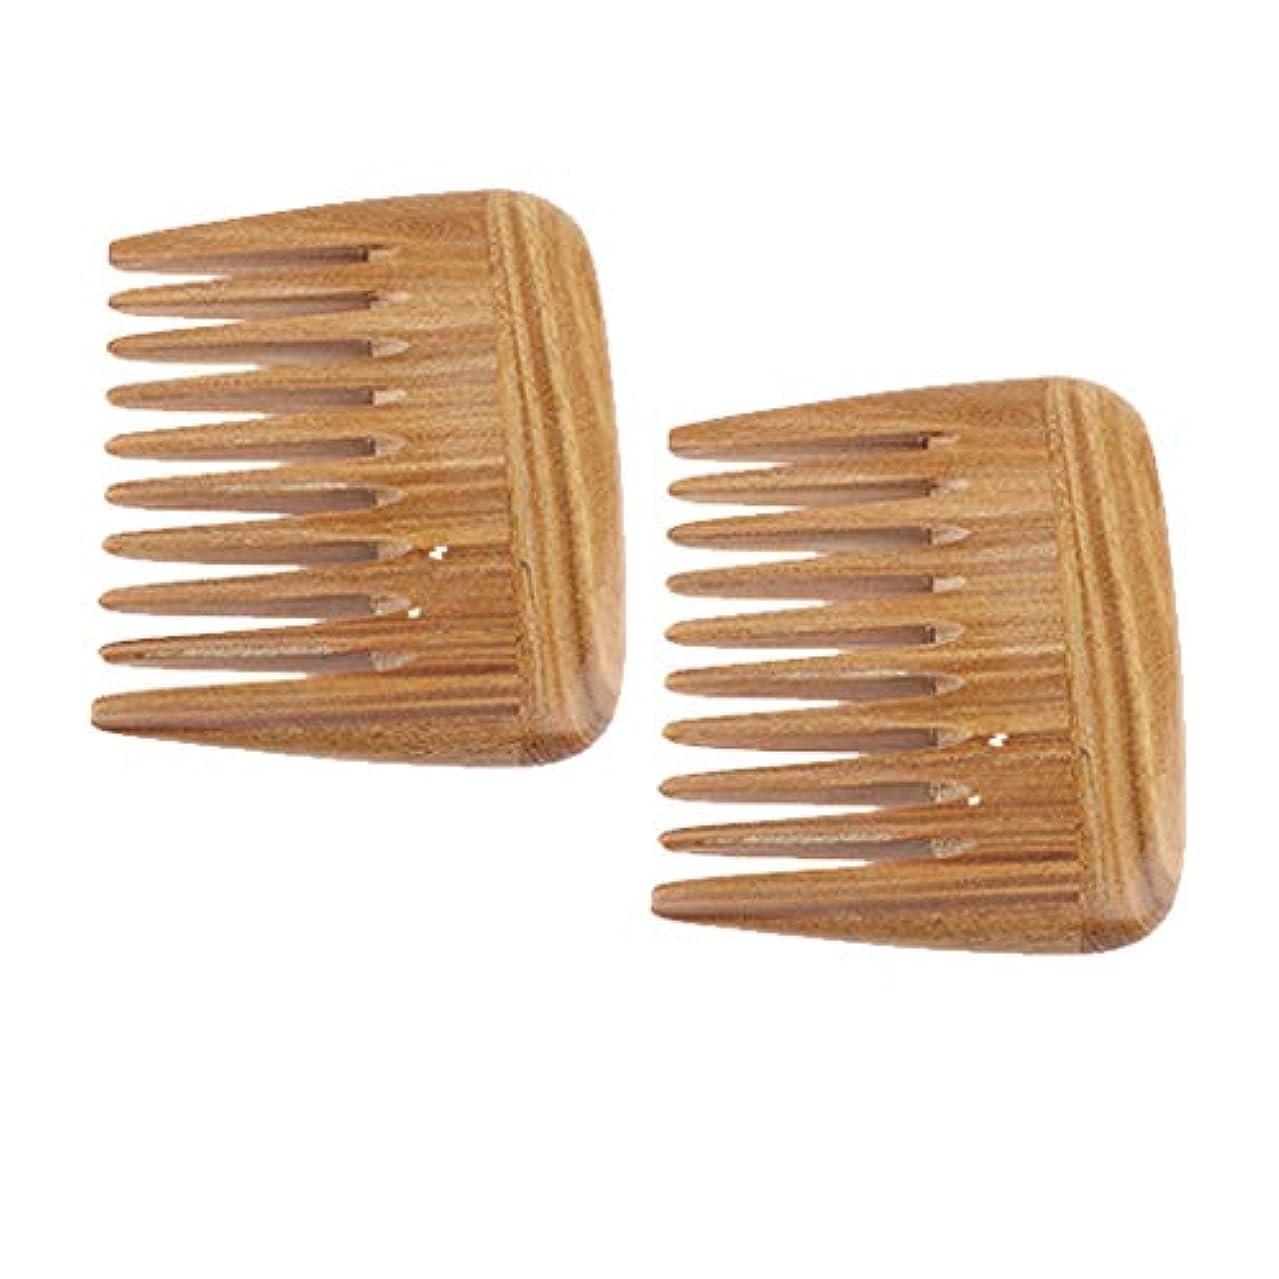 テザー未亡人平らな2個 静電気防止櫛 ポケット 広い歯 ヘアコーム 木製櫛 プレゼント